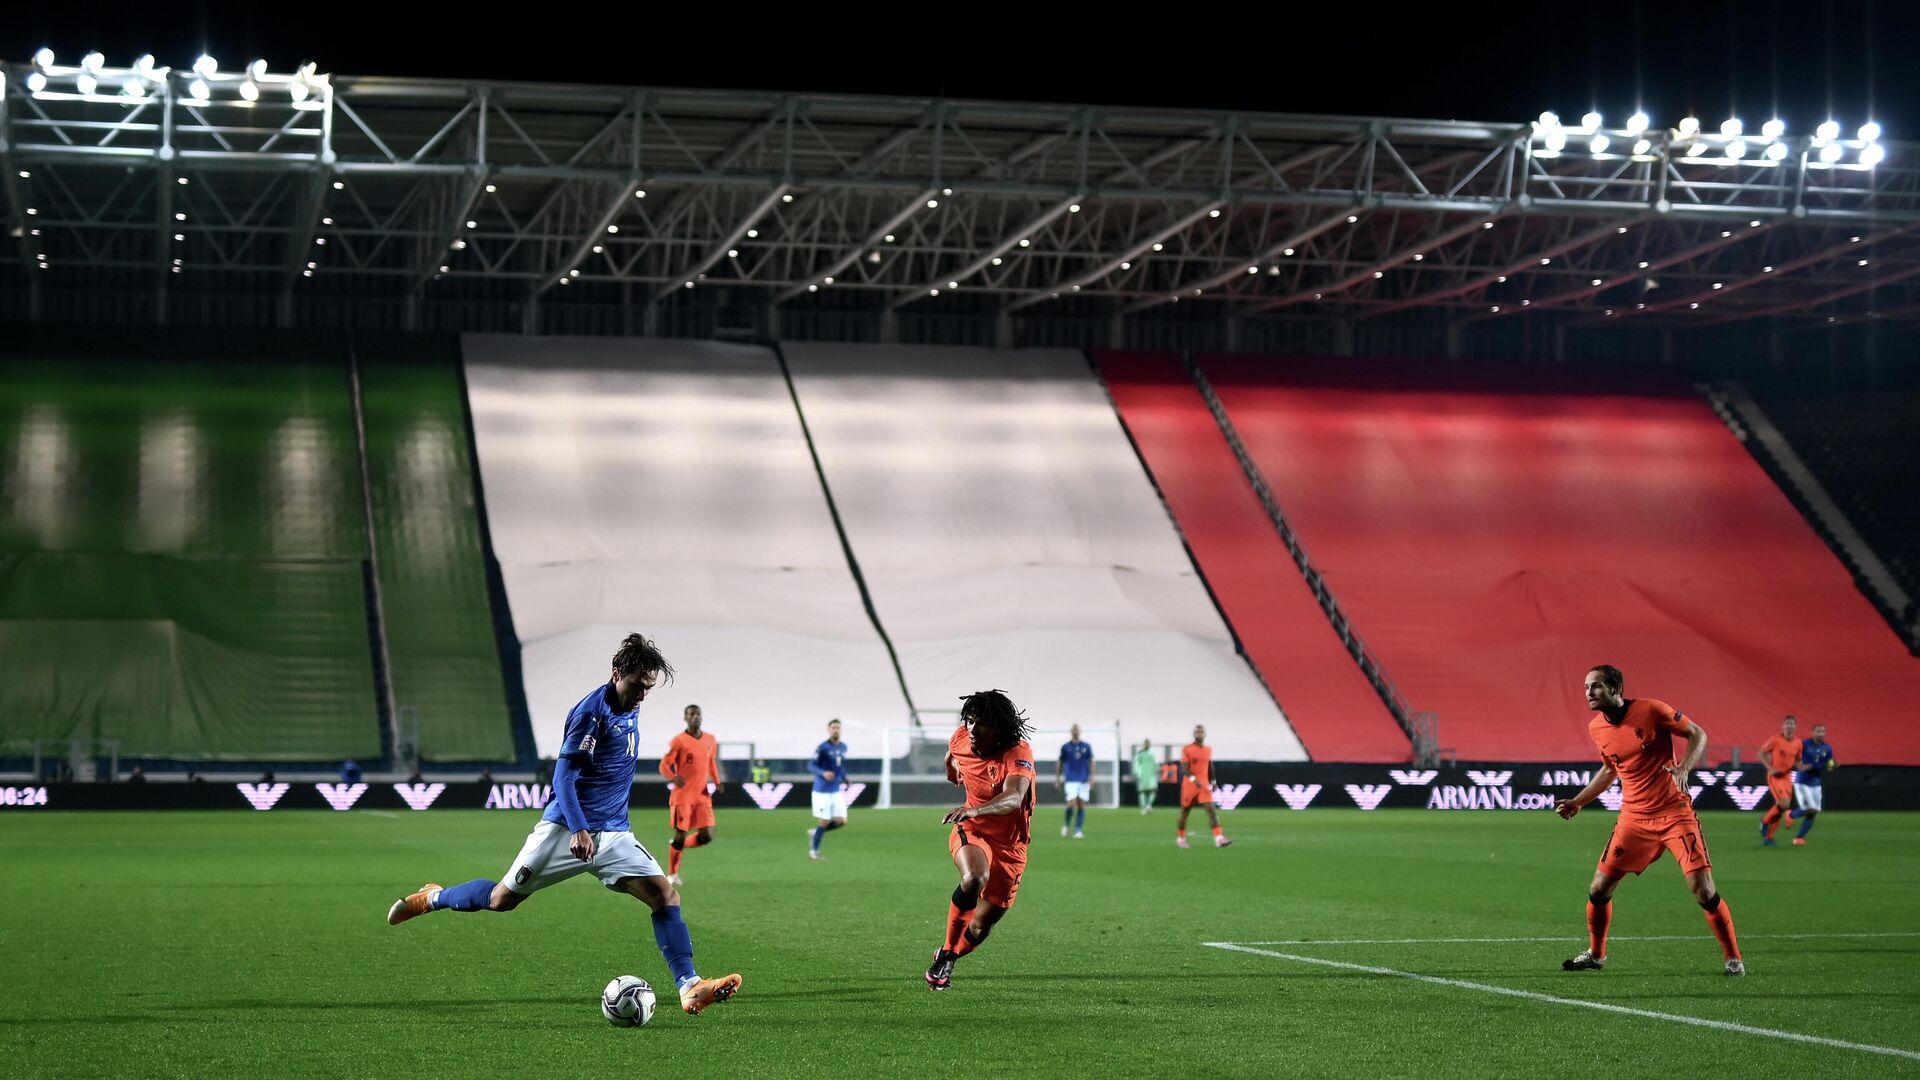 Игровой момент матча Италия - Нидерланды - РИА Новости, 1920, 14.10.2020